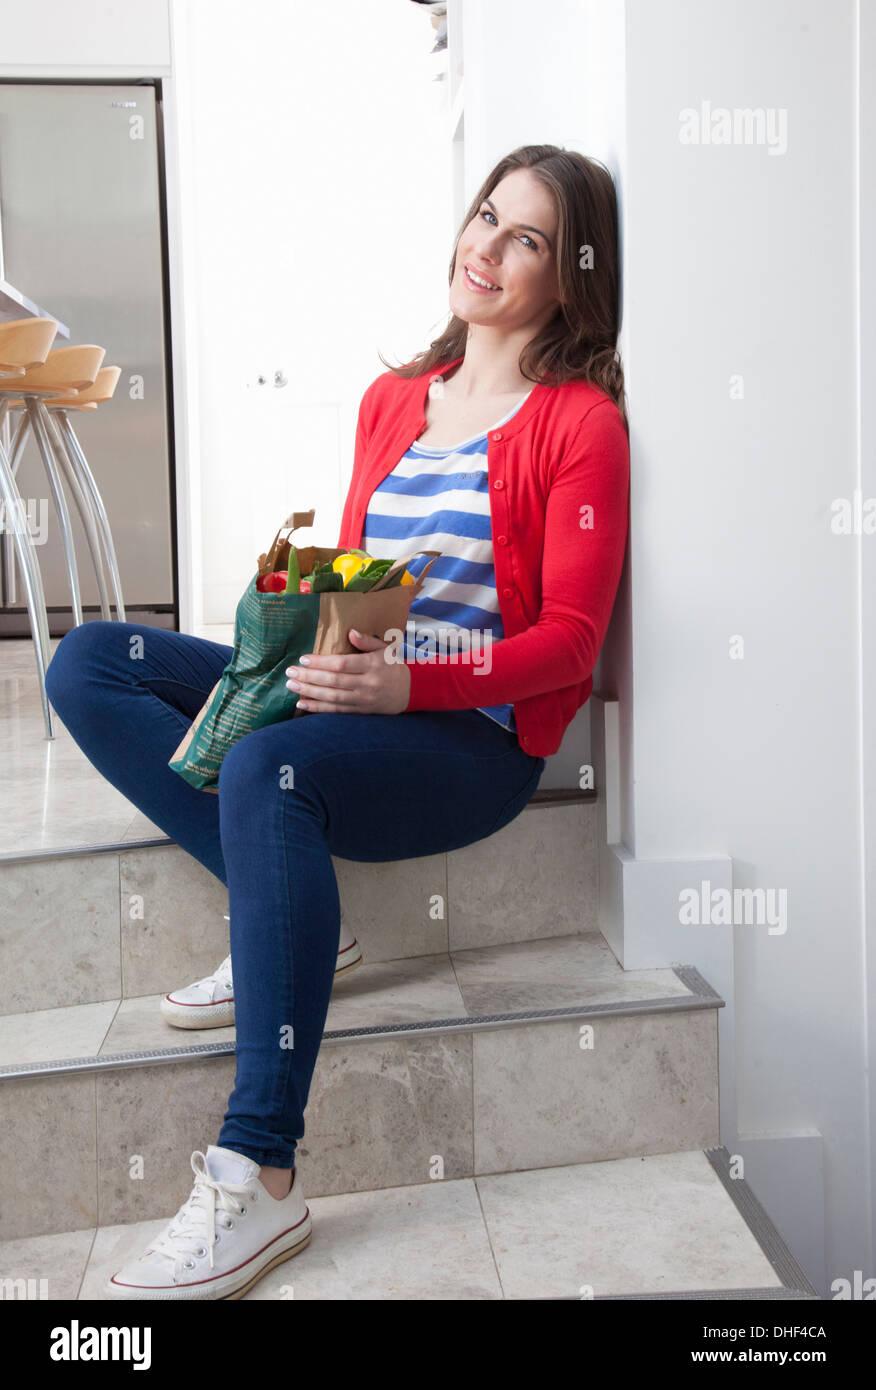 Jeune femme assise sur l'étape du sac à provisions avec cuisine Photo Stock